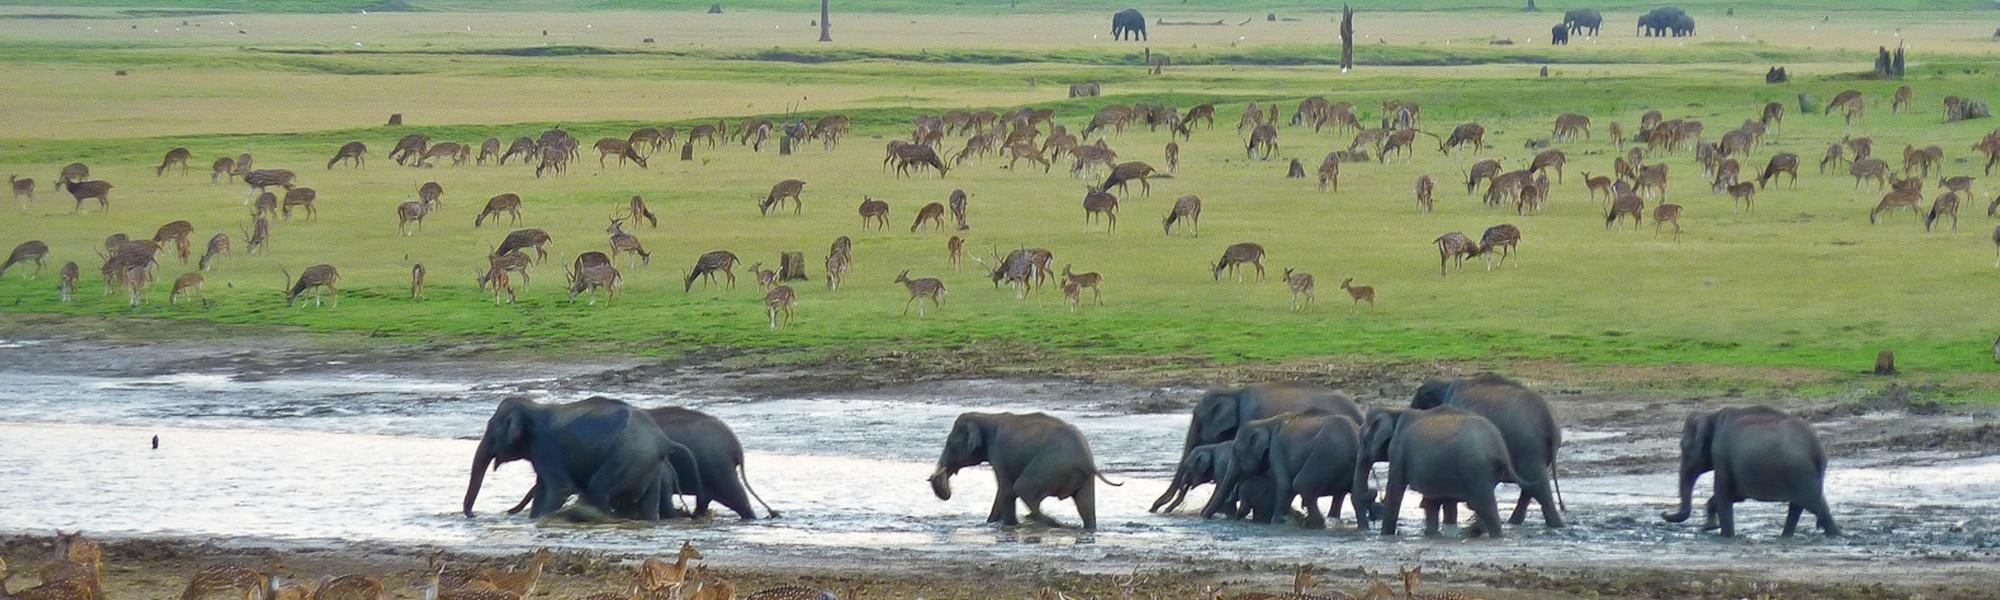 Top Slip – Indira Gandhi Wildlife Sanctuary